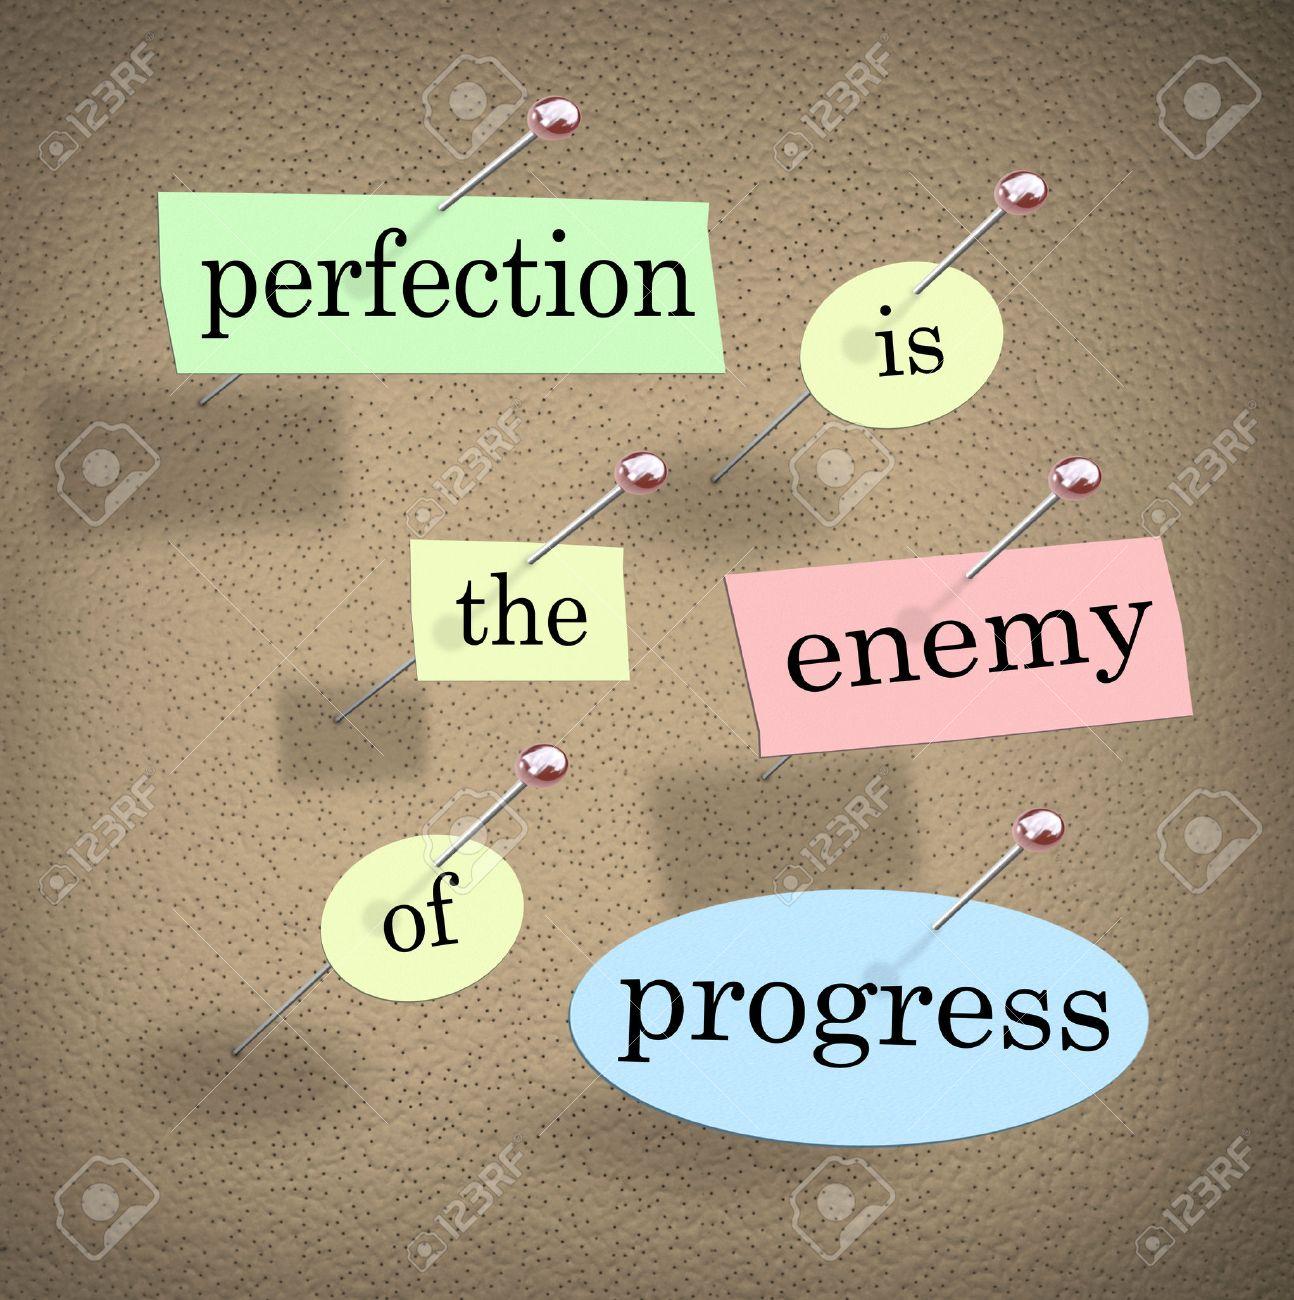 La perfection est l'ennemi du progrès citation ou de dire avec des mots sur des morceaux de papier épinglé à un babillard de vous illustrer devraient